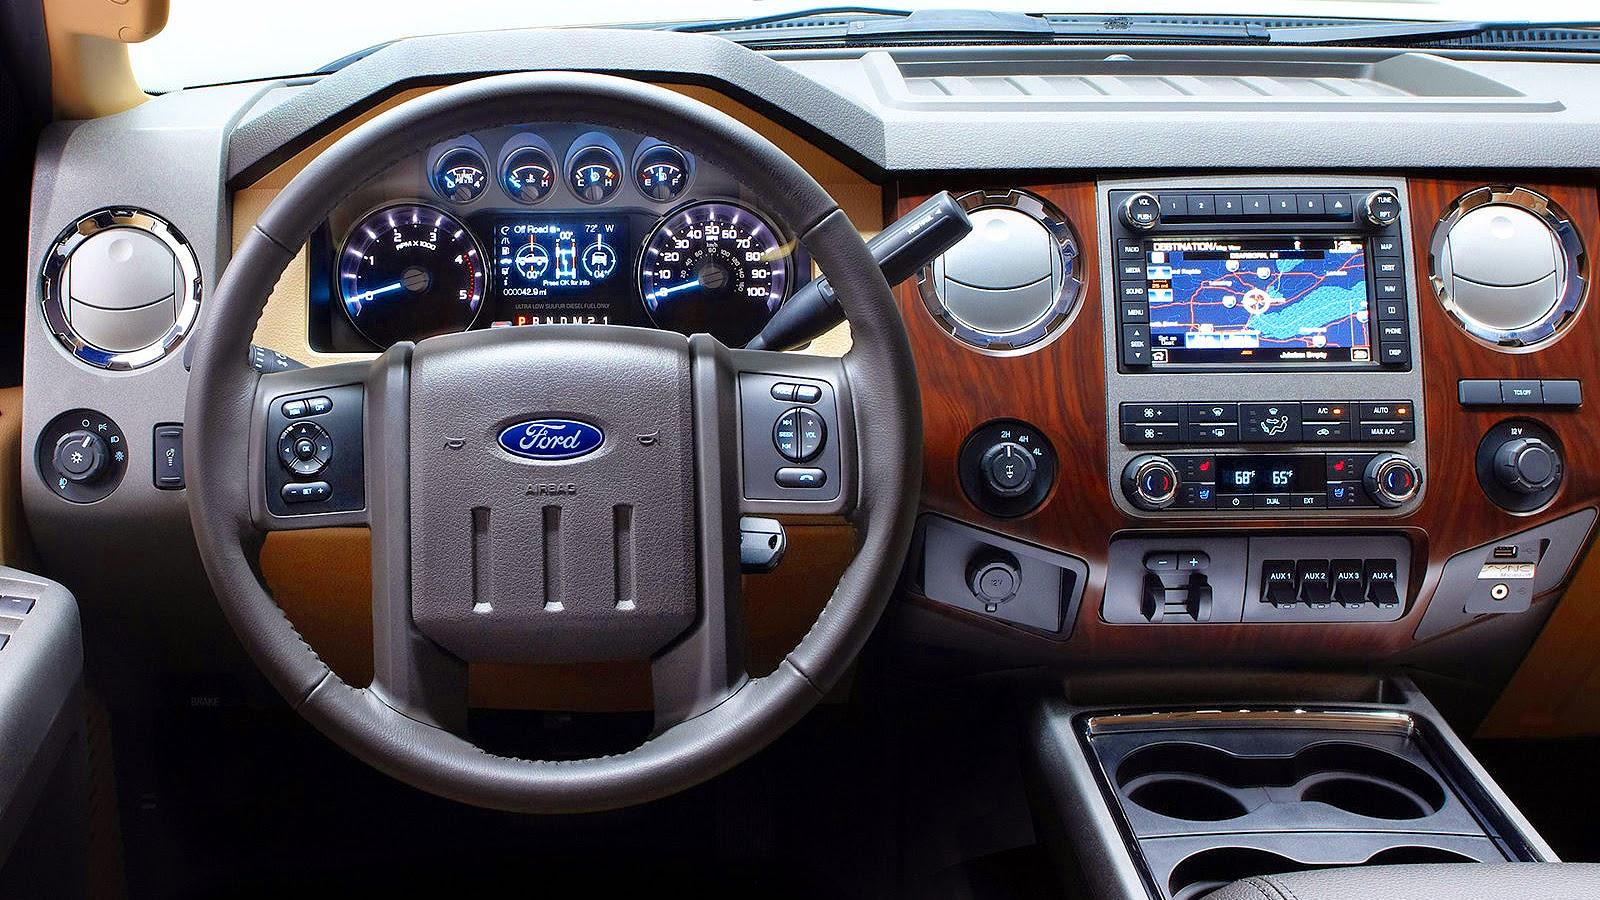 2011 ford f 250 super duty king ranch crew cab 4x4 diesel